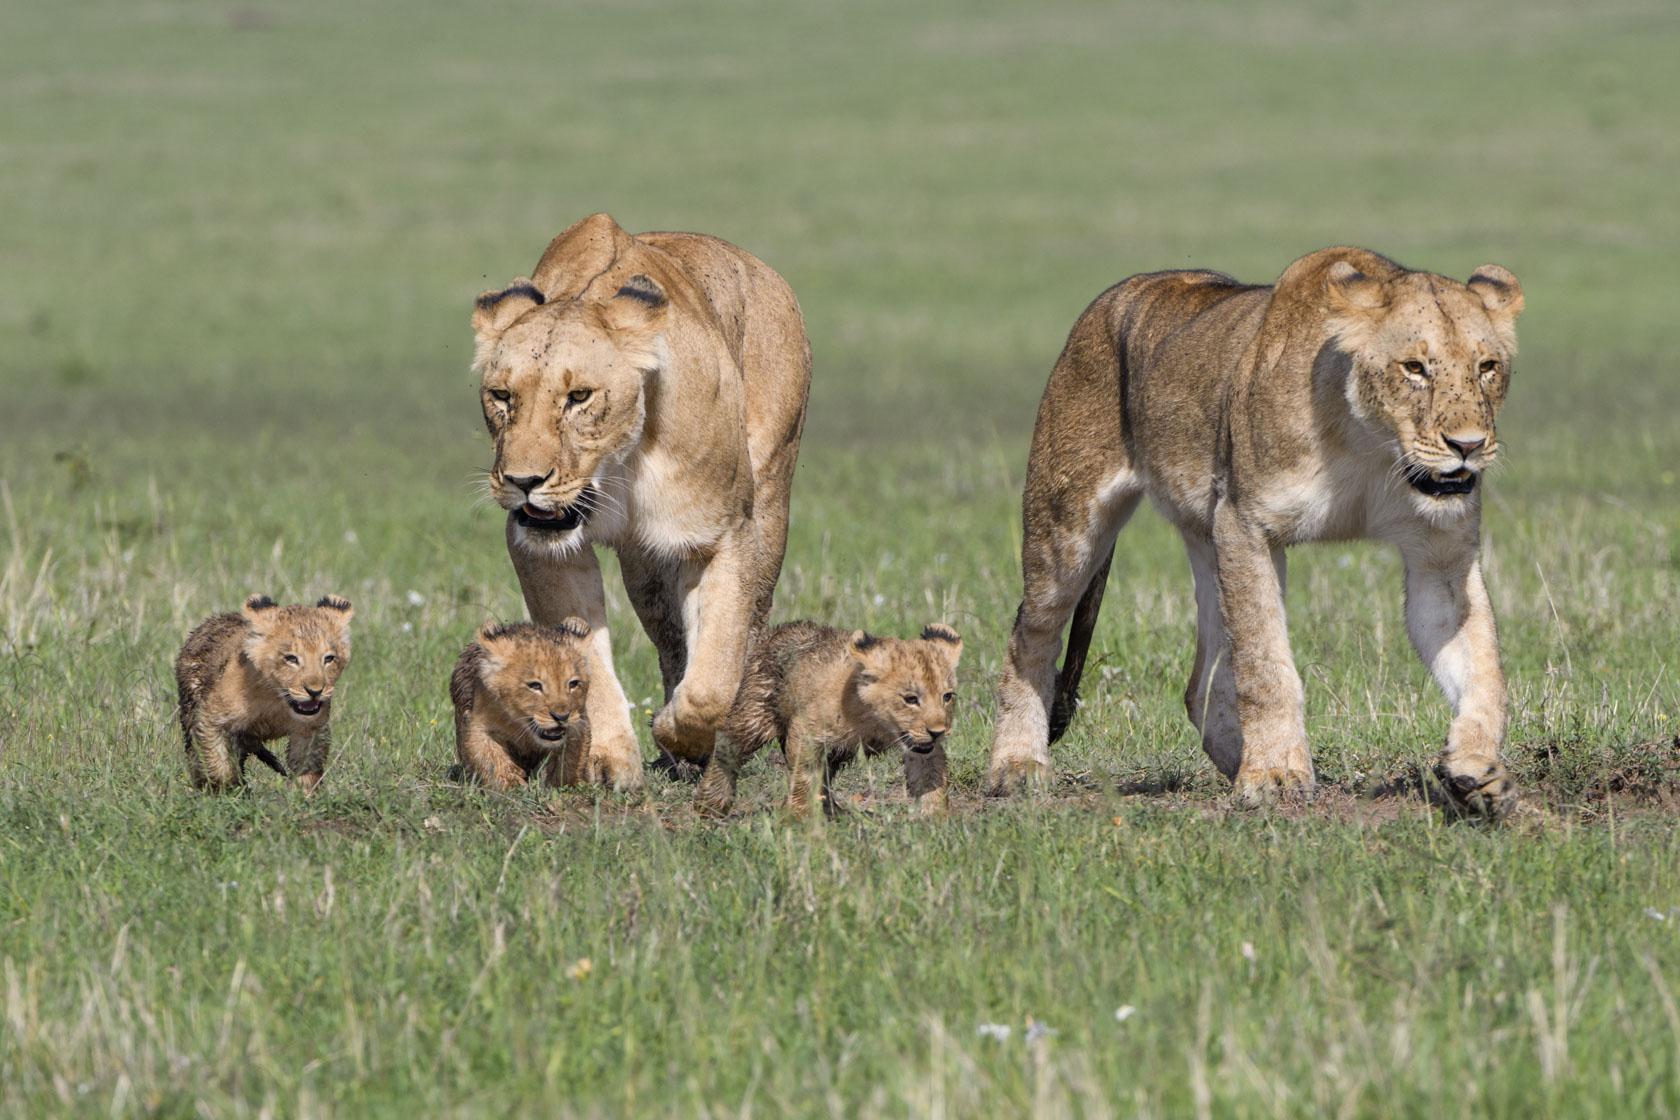 Die beiden Löwinnen schieben die Babys jetzt praktisch vor sich her und können sie so zusammenhalten